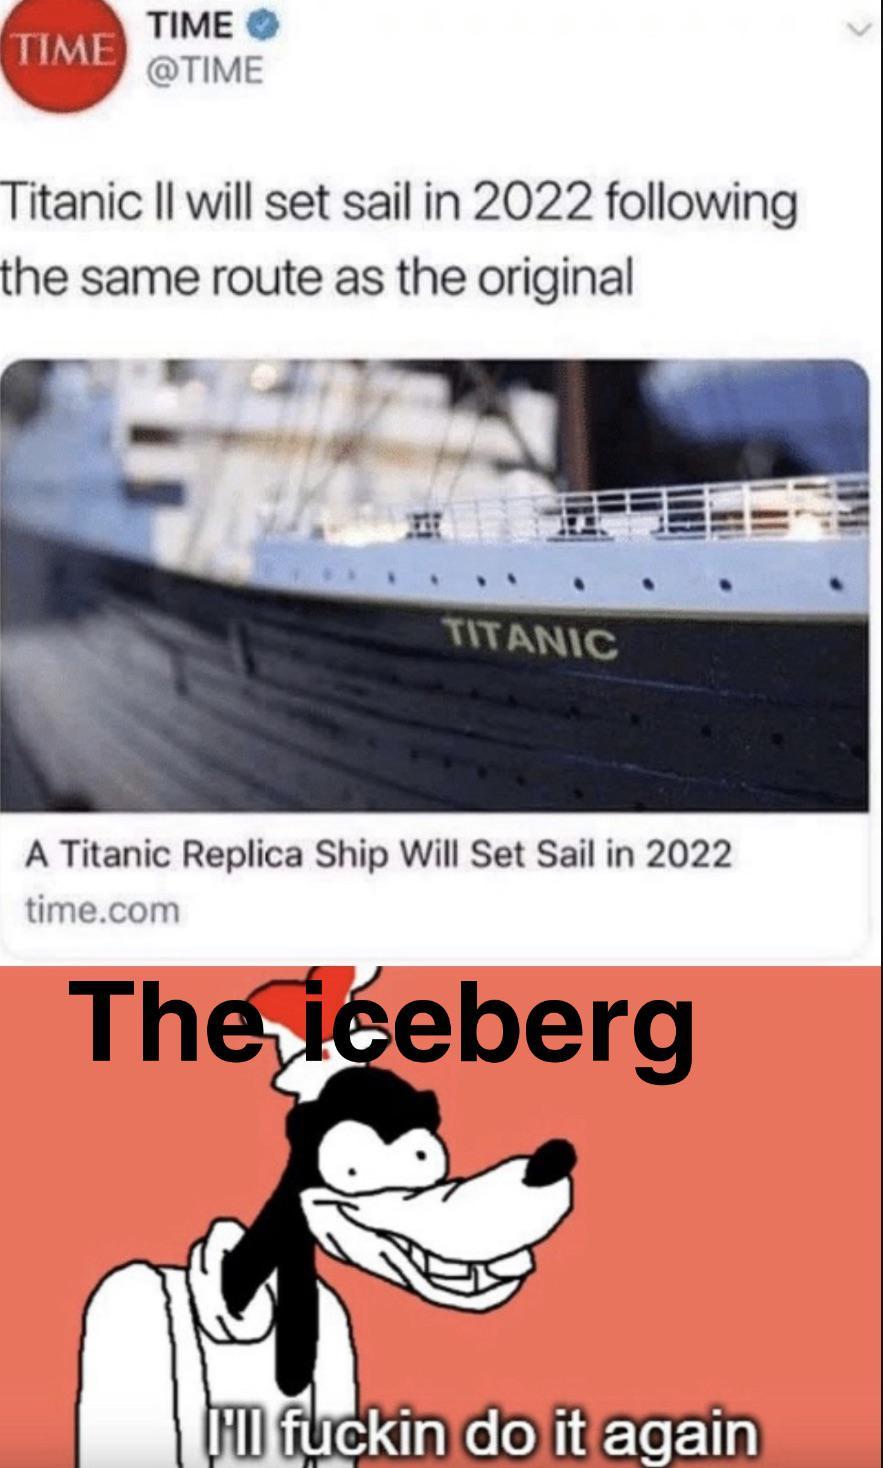 I Ll Do It Again Meme : again, Again, Memes